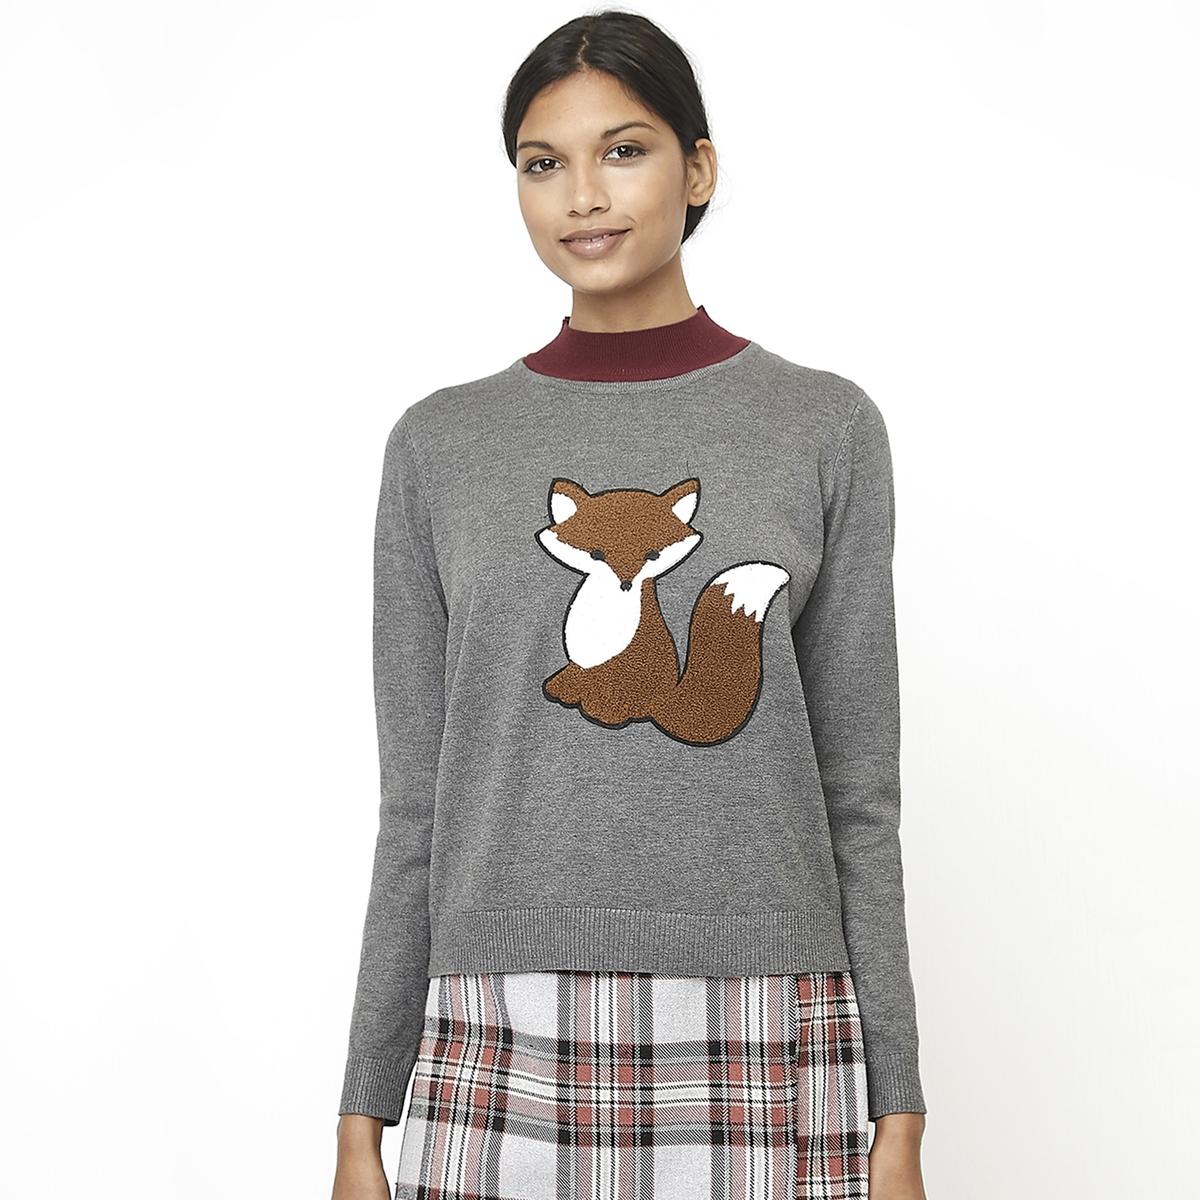 Пуловер La Redoute С рисунком Лис спереди и круглым вырезом M серый футболка la redoute с круглым вырезом и принтом спереди 3 года 94 см серый